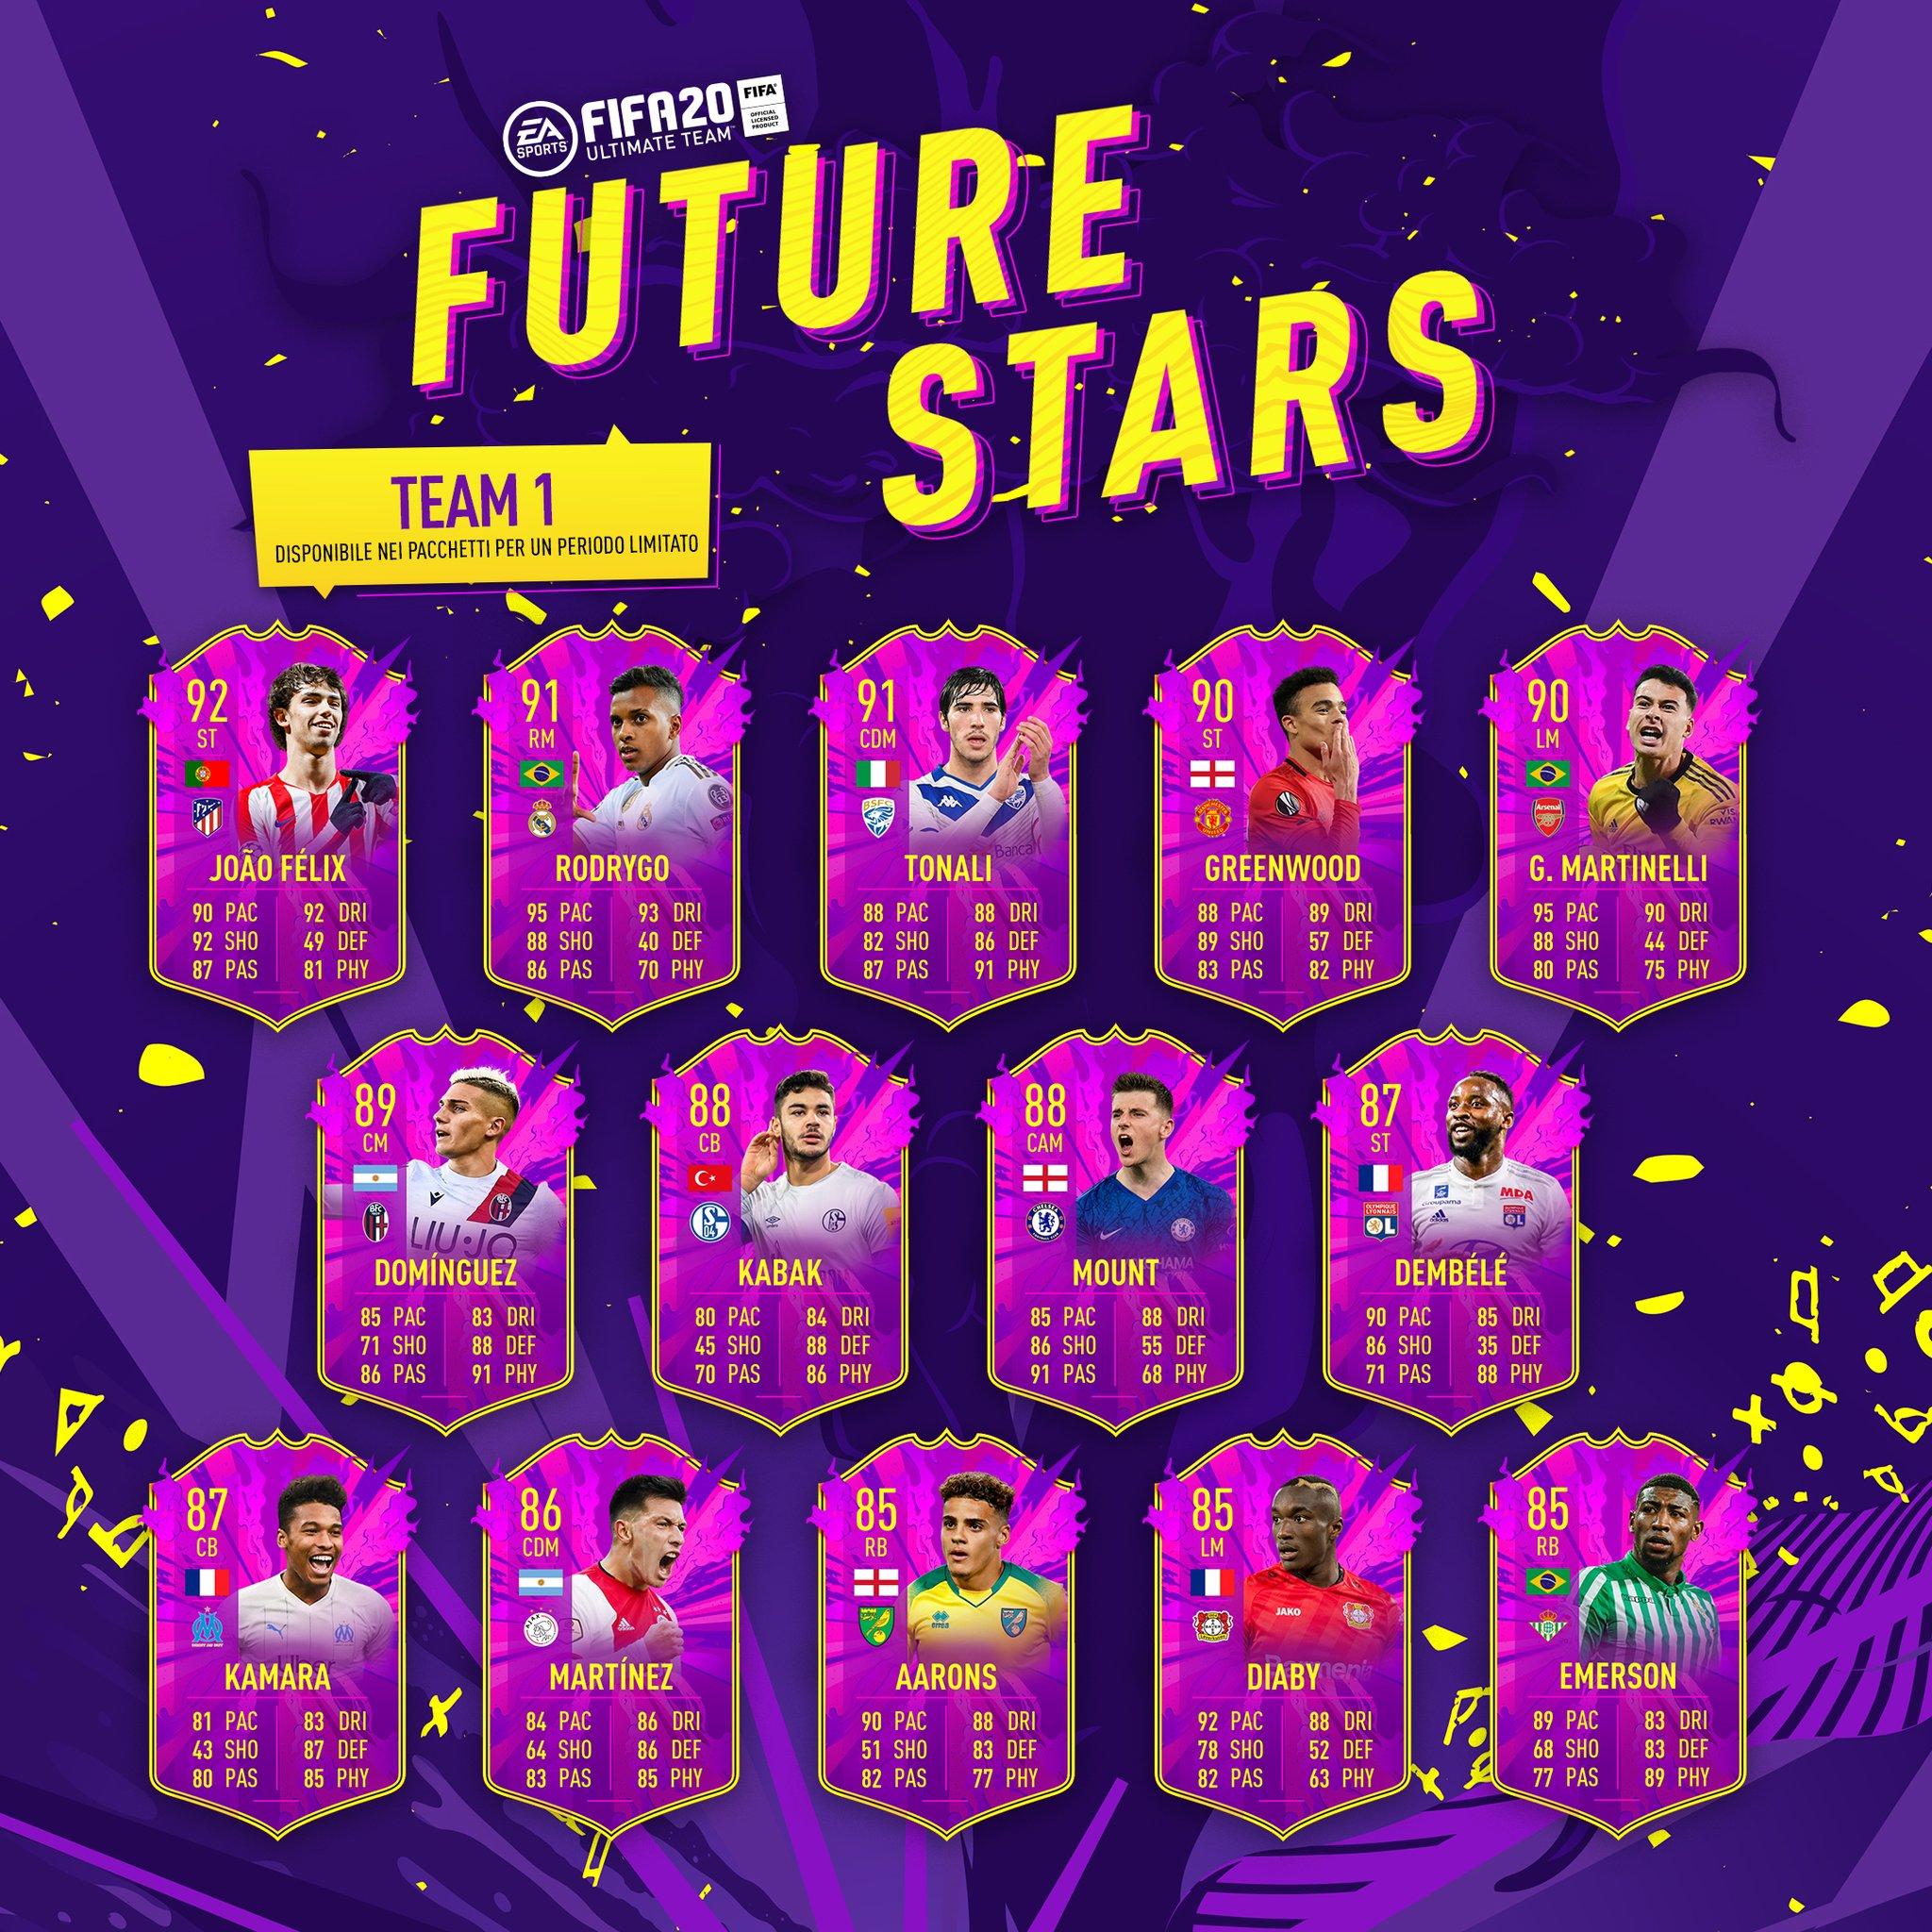 Future Stars Team 1